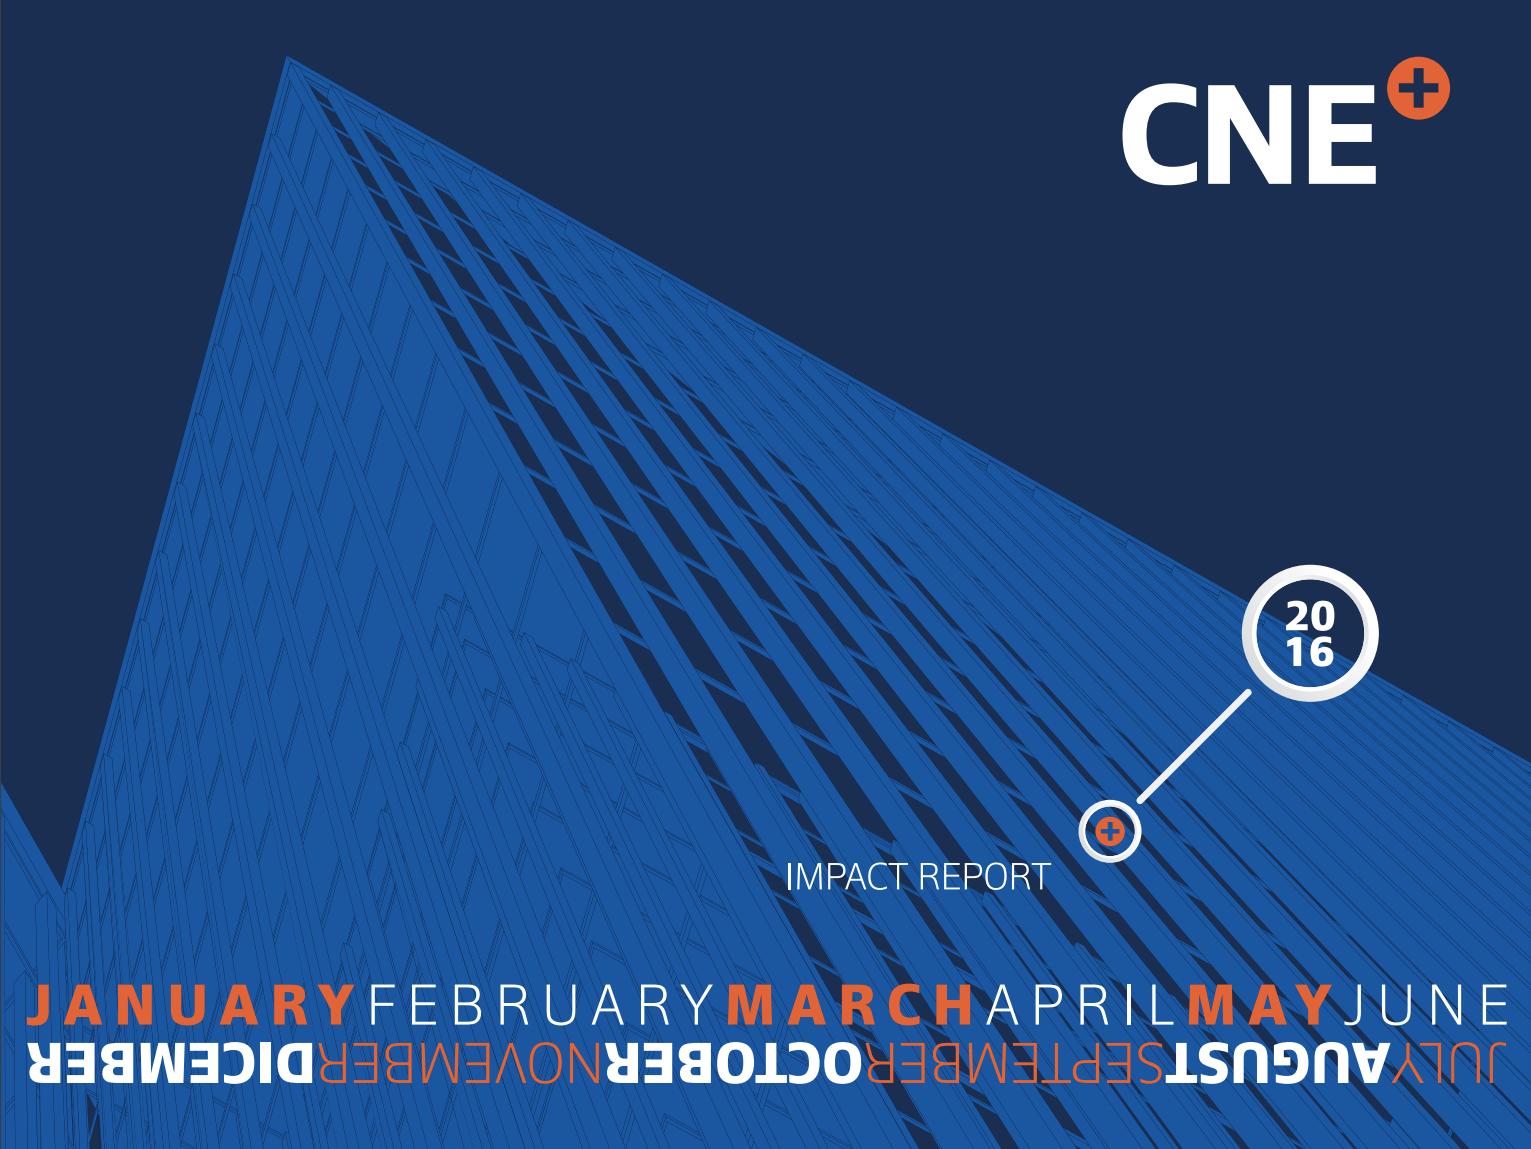 CNE 2016 Annual Report Cover